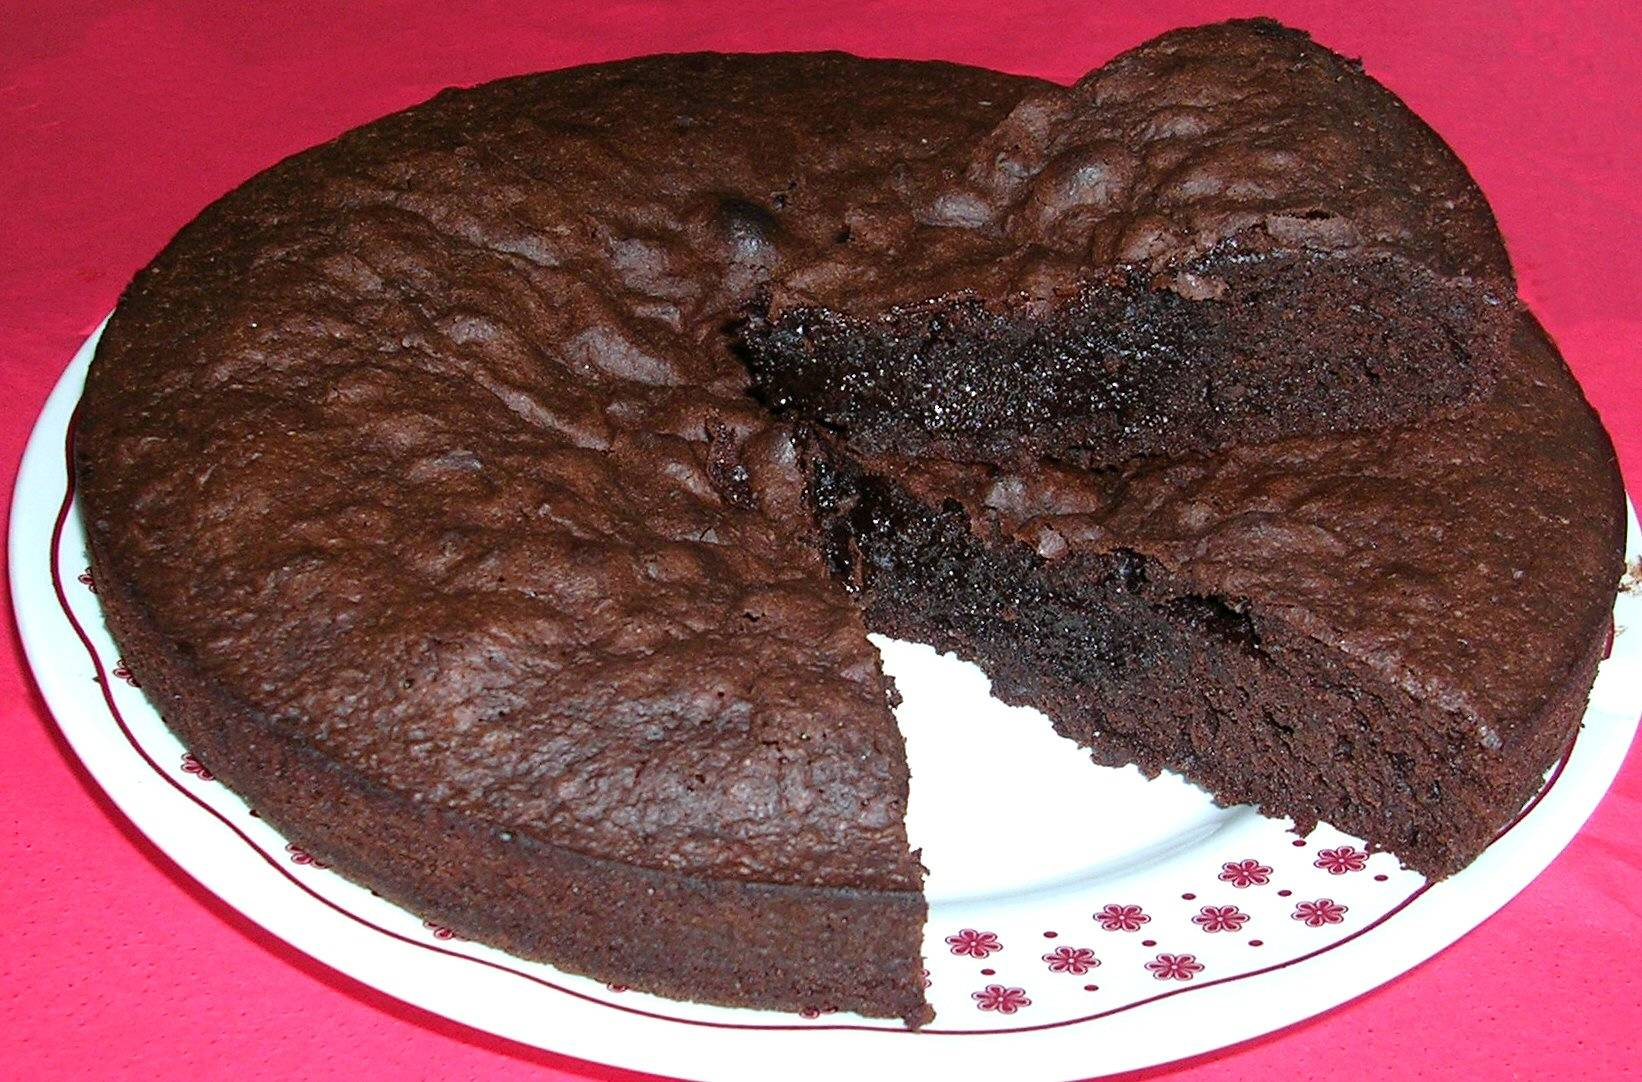 Joyeux anniversaire Cid' [29 dec 2012] Moelleux_Chocolat_Entier_avec_part